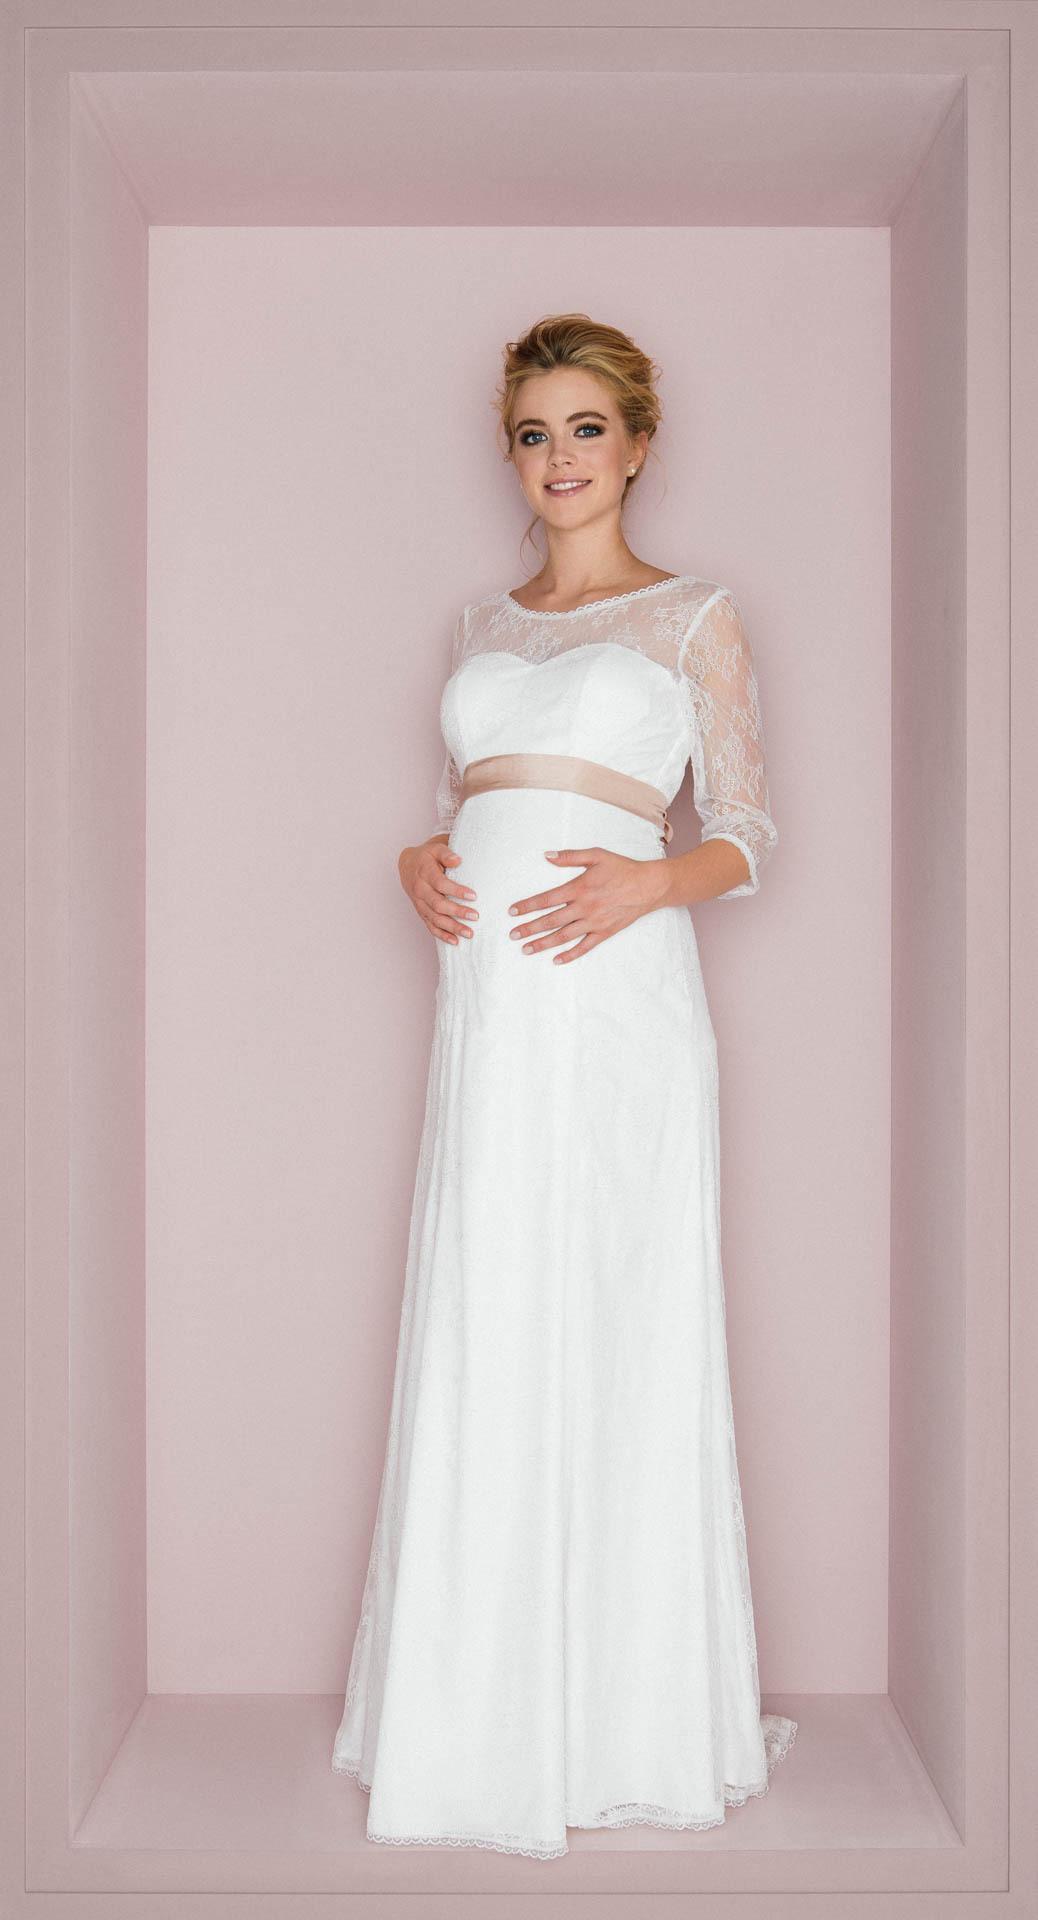 Kleid Für Hochzeit Schwanger - Abendkleid